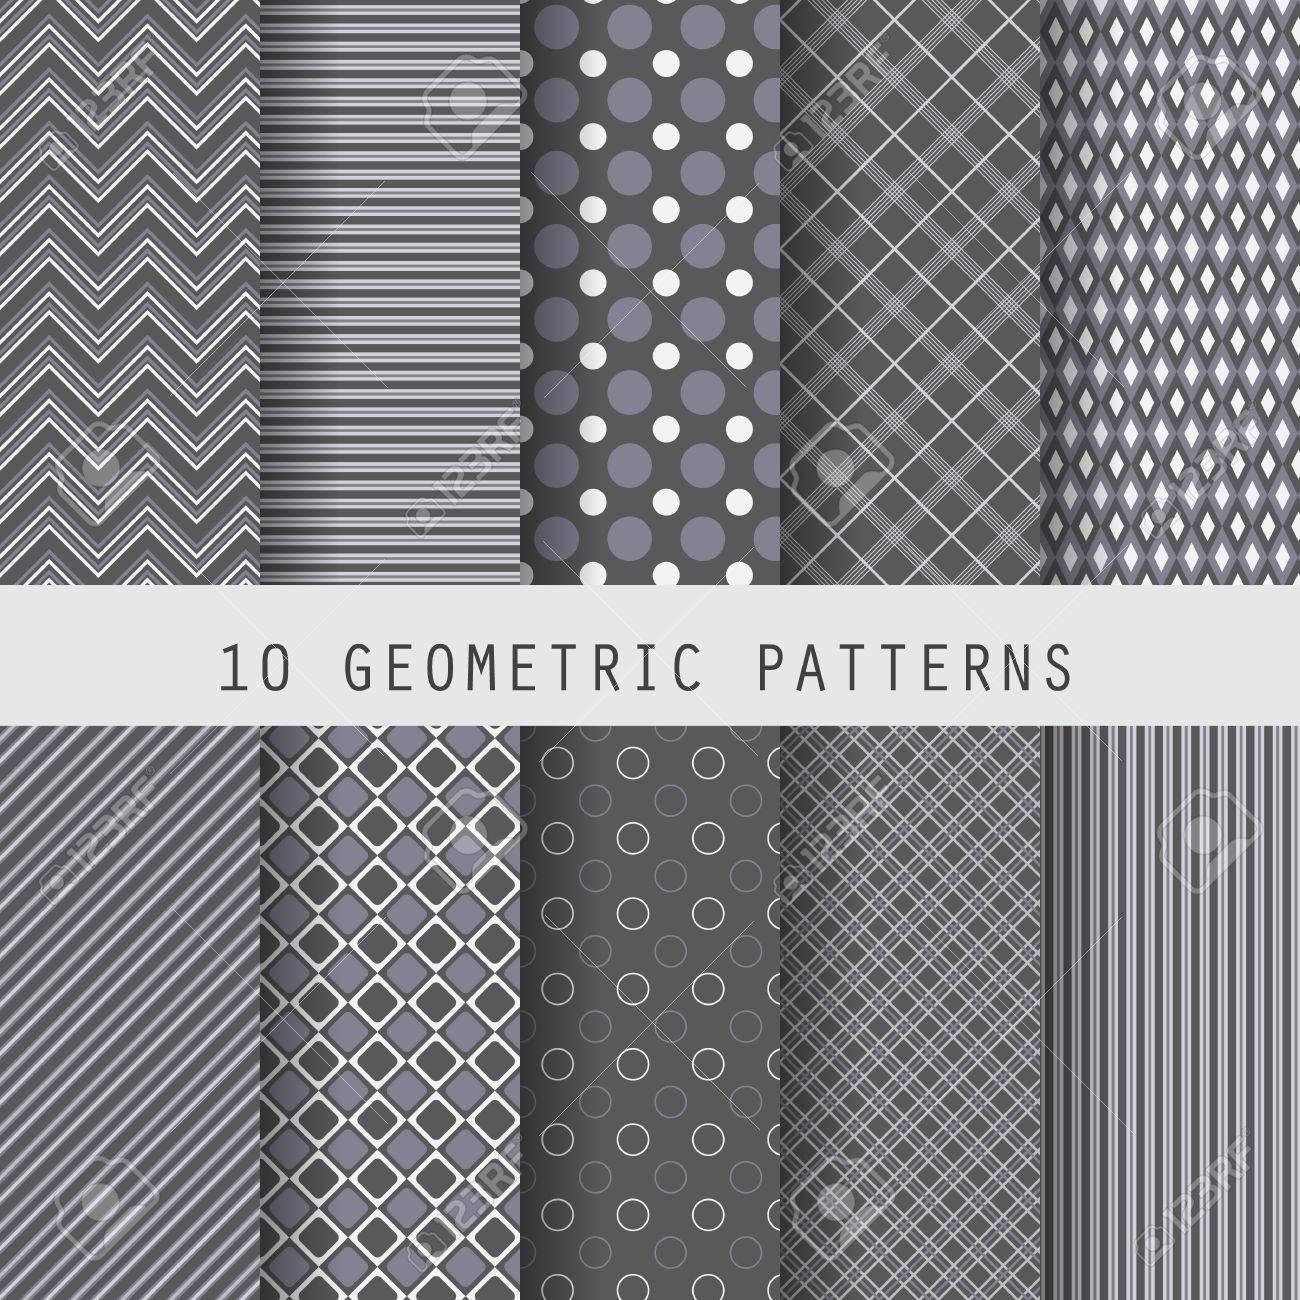 10 の黒幾何学模様 ビジネス テンプレート 壁紙 パターンの